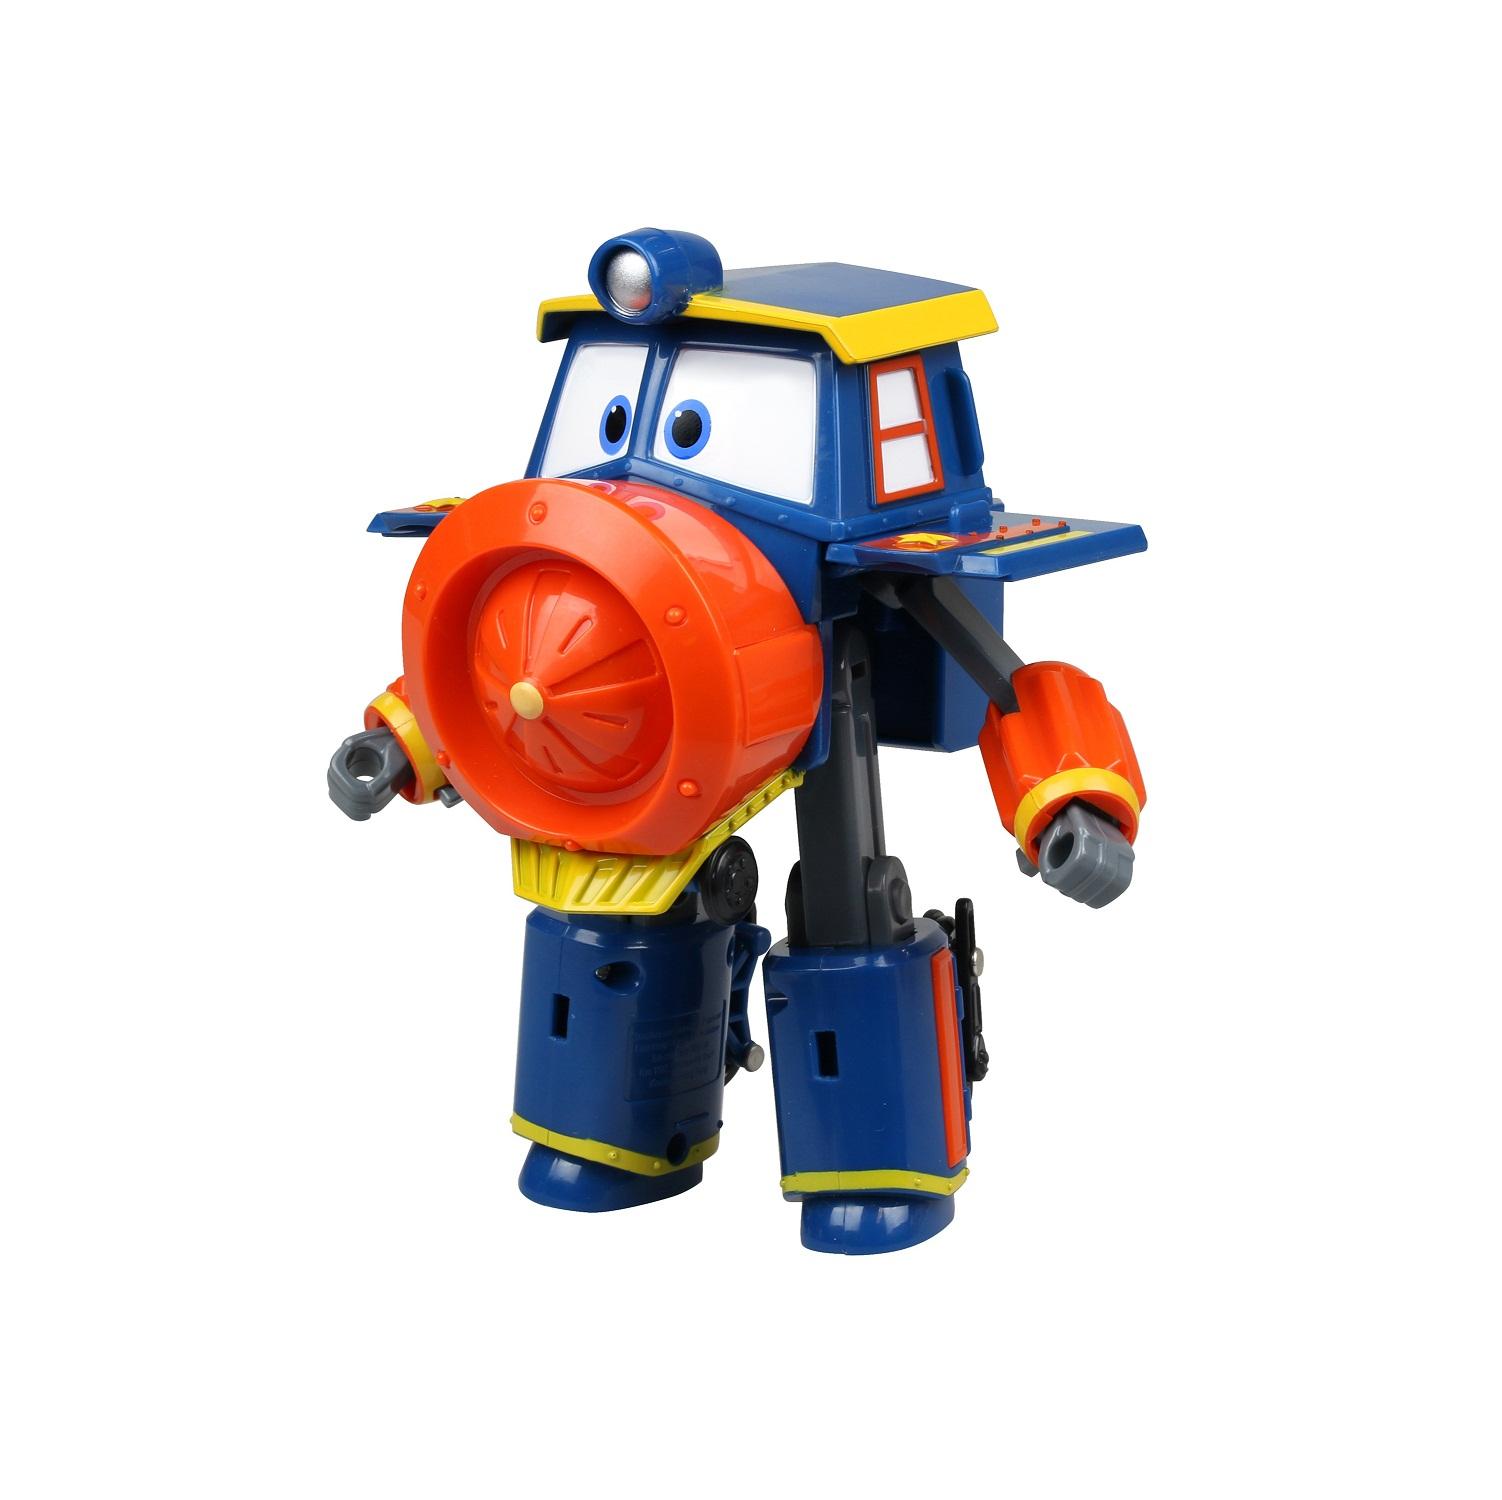 Robot Trains. Трансформер Виктор 10 смИгрушки трансформеры<br>Robot Trains. Трансформер Виктор 10 см<br>